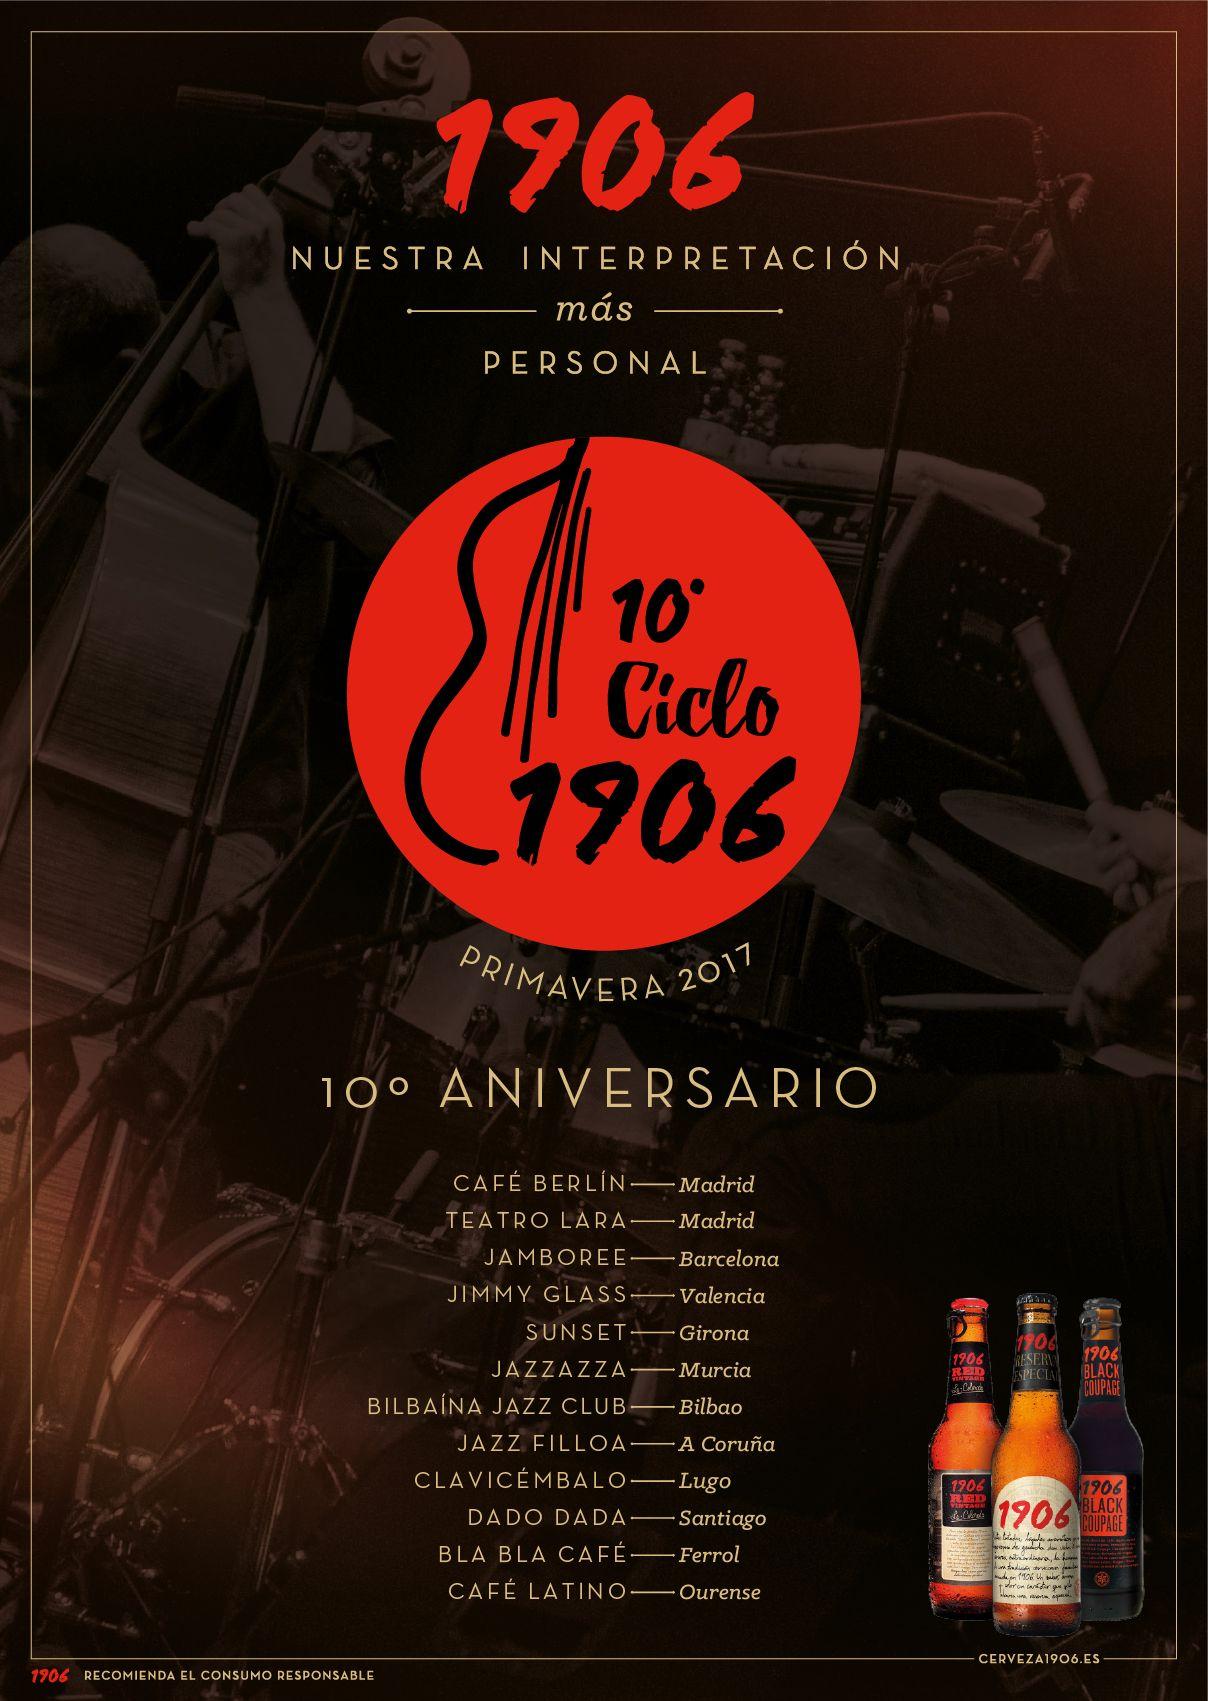 10 Ciclo 1906 de Jazz